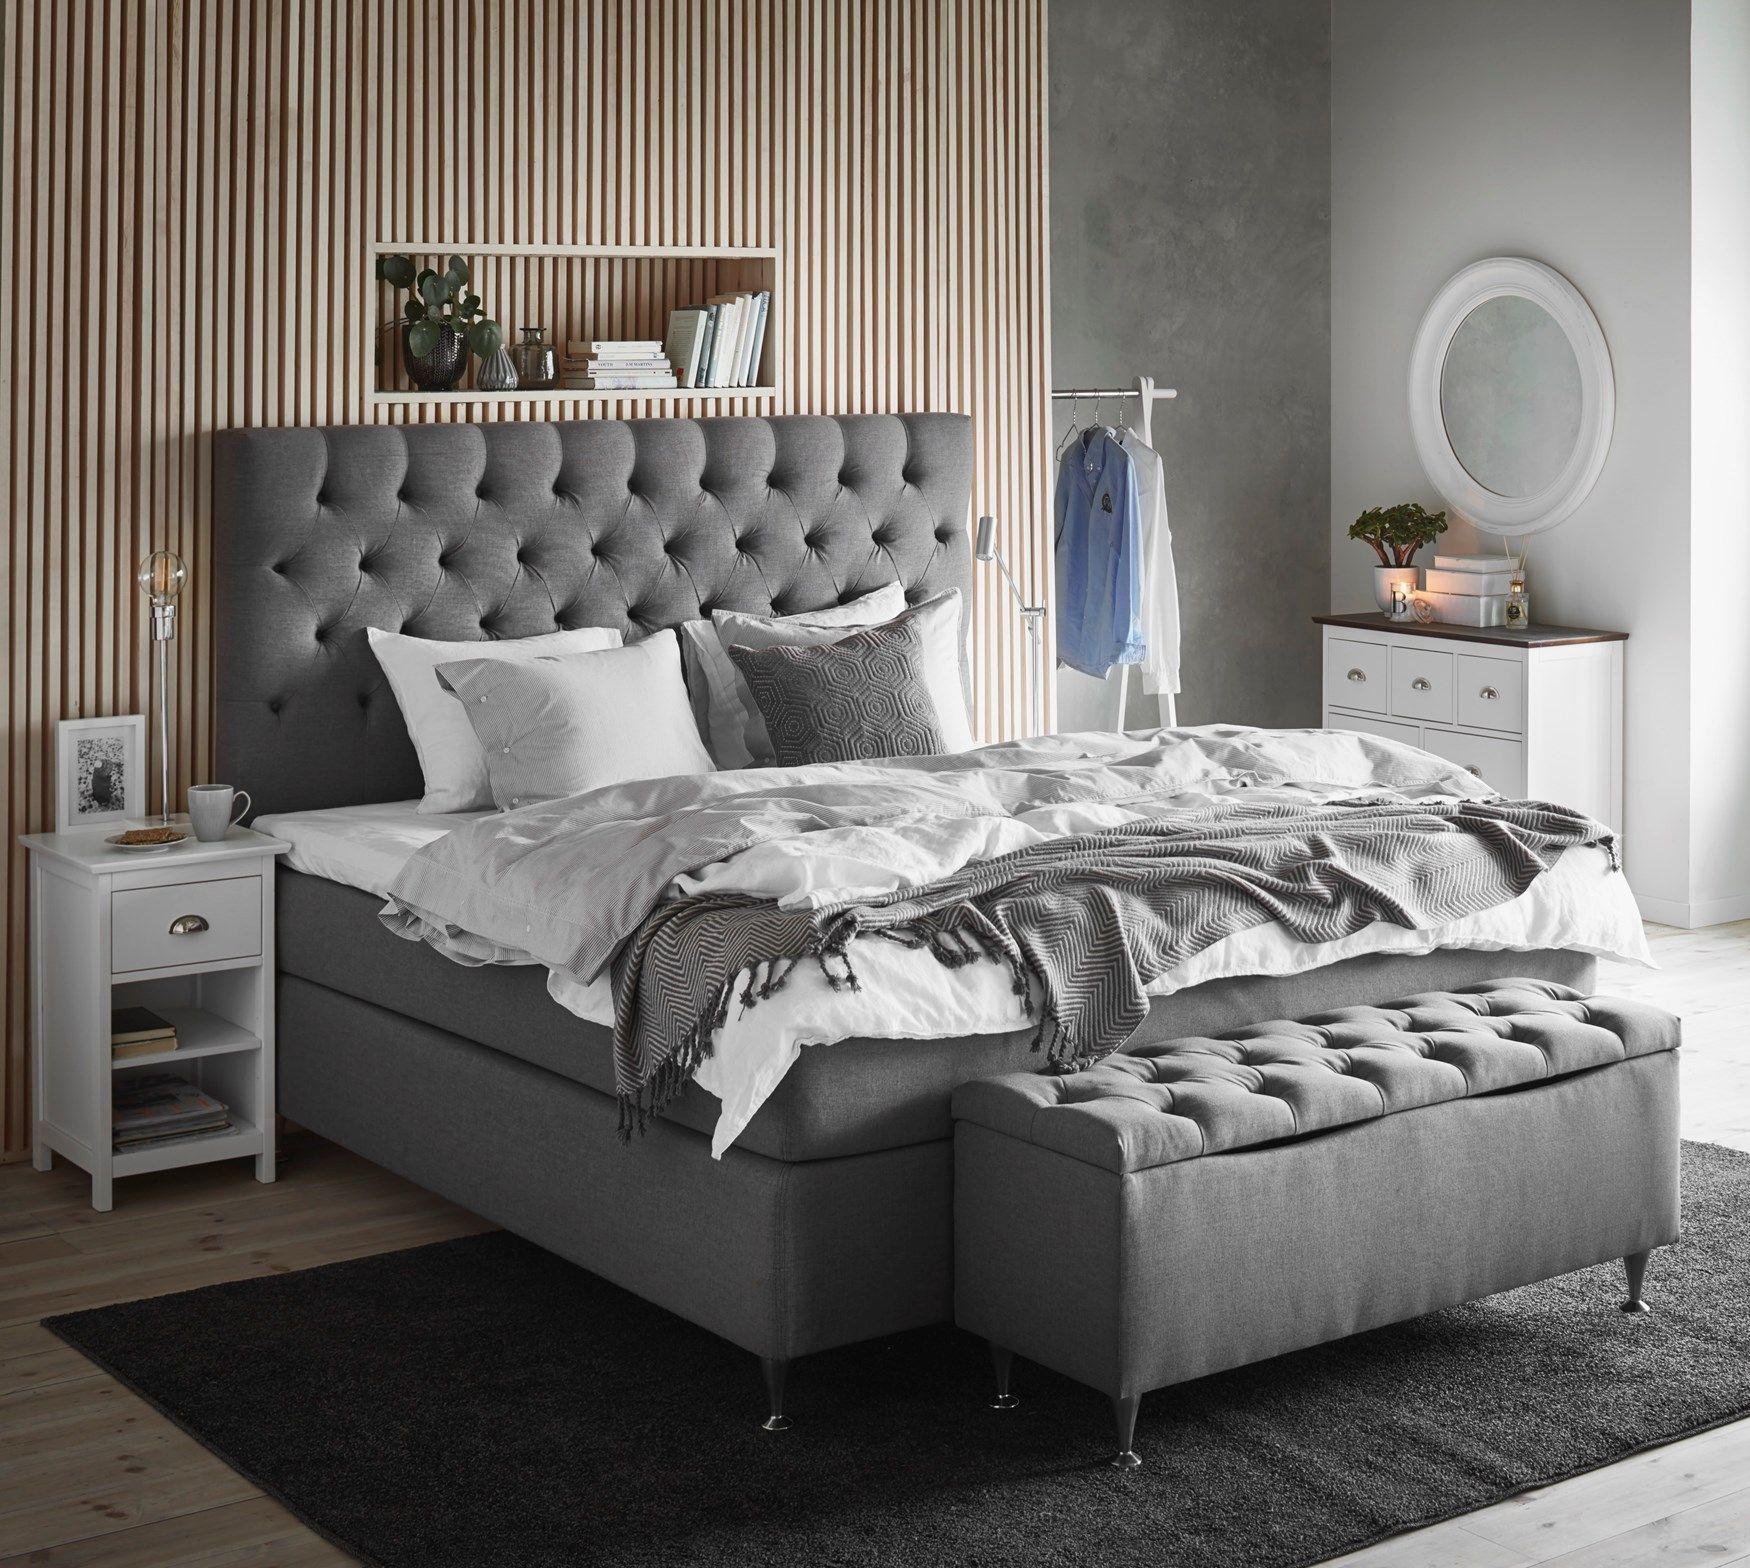 Sleep sittbänk med smart förvaring från Mio Möbelidéer